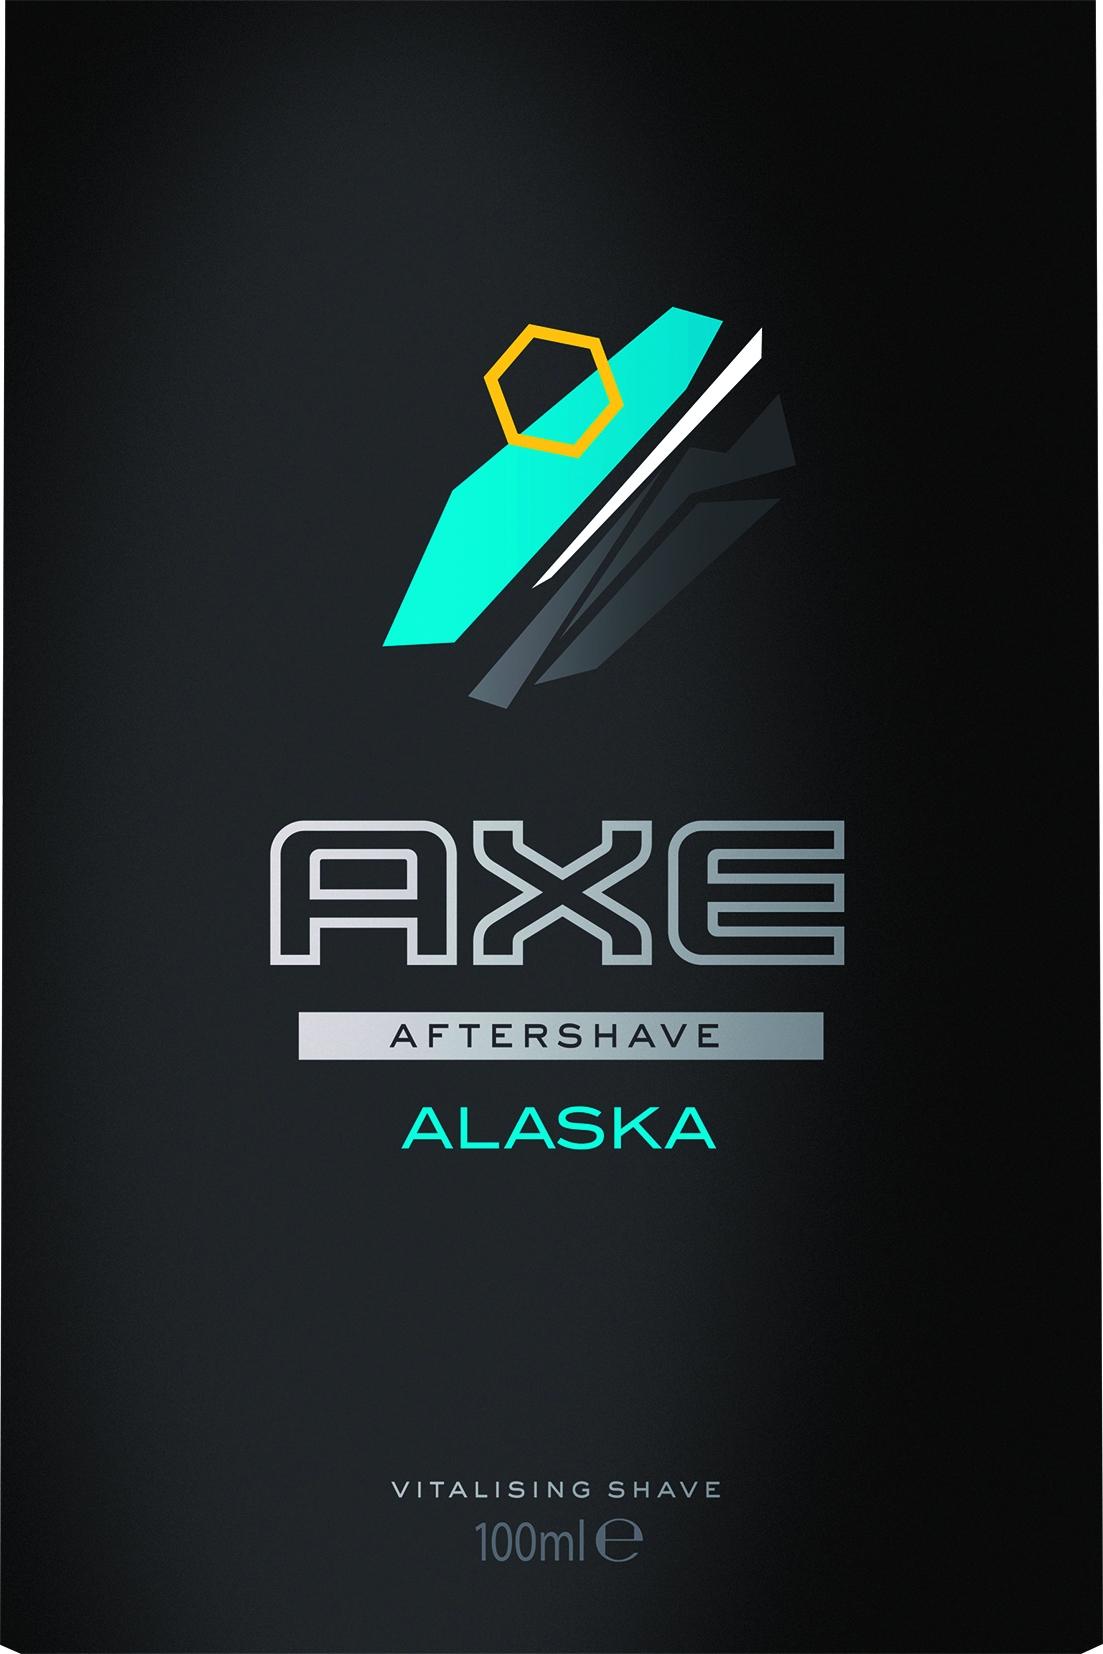 After Shave Alaska